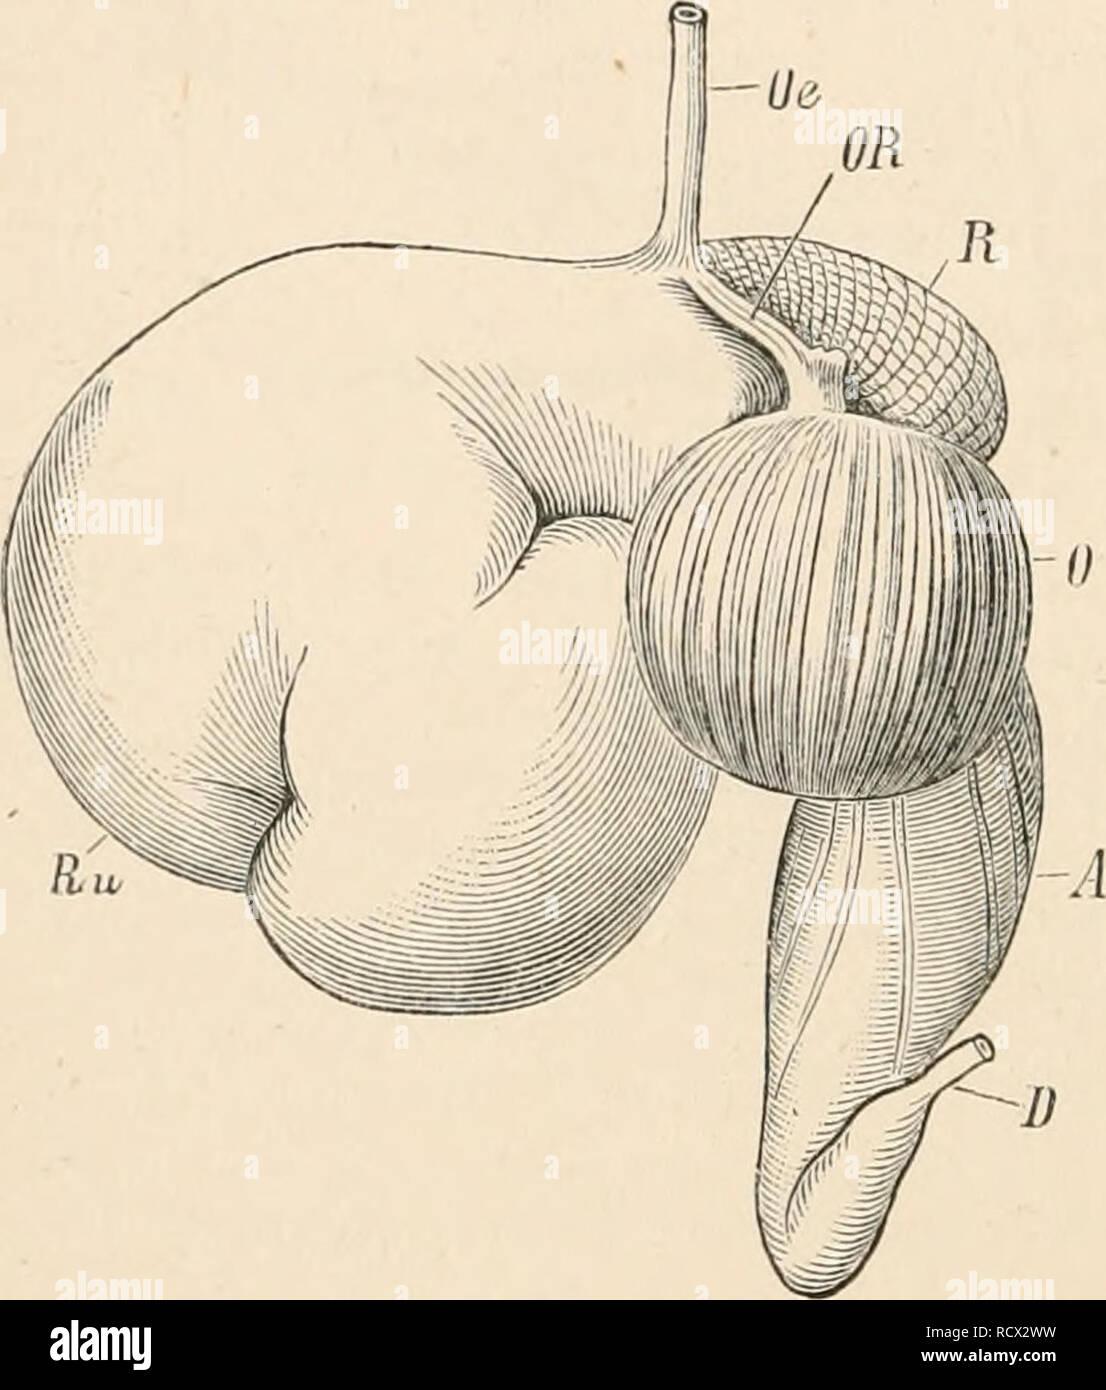 . Elementare Lehrbuch der Zoologie. Zoologie. 316 MAMMALIA. Oder 11 rangular Krone hat vier chief Protuberanzen, die durch tiefe Täler, die nicht mit Zement bestellt getrennt sind, aber manchmal sind mit kleinen Zubehör Höcker eingerichtet. Die prsemolars sind klein, und haben in der Regel nur ein oder zwei Höcker. Die meta-fußwurzel und mittelhandknochen sind immer ankylosed, einer Kanone Knochen (tig zu bilden. 67 (M). Der Wiederkäuenden ia sind physiologisch und anatomisch durch Wiederkäuen und durch die Struktur des Magens und Gebiss, die mit dieser Besonderheit korreliert ist. Das Essen immer Stockbild